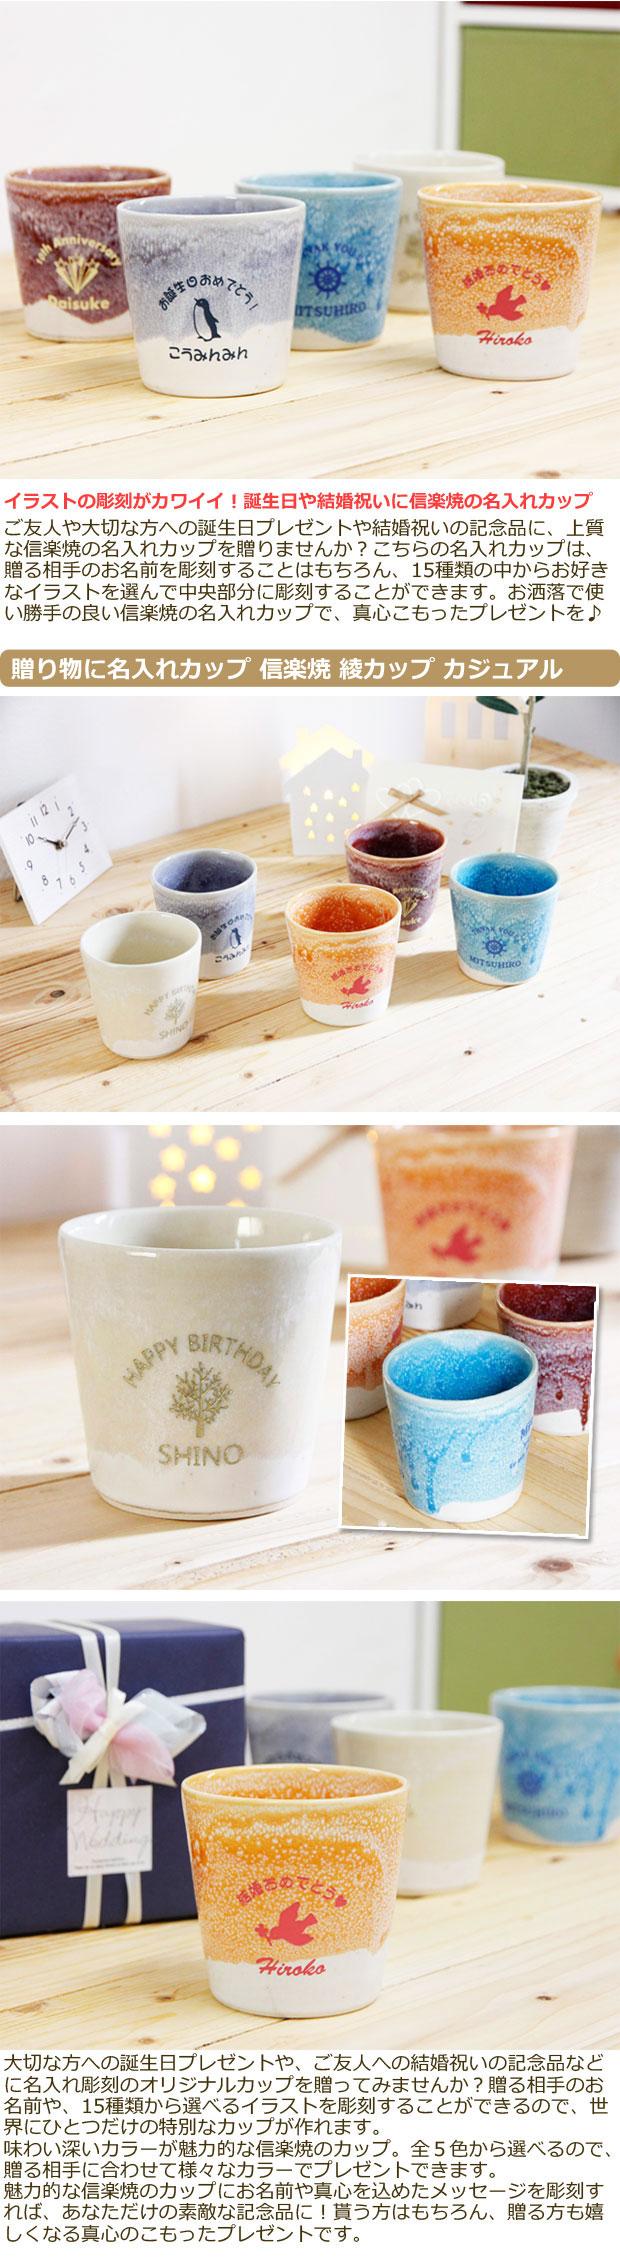 ご友人や大切な方への誕生日プレゼントや結婚祝いの記念品に、上質な信楽焼の名入れカップを贈りませんか?